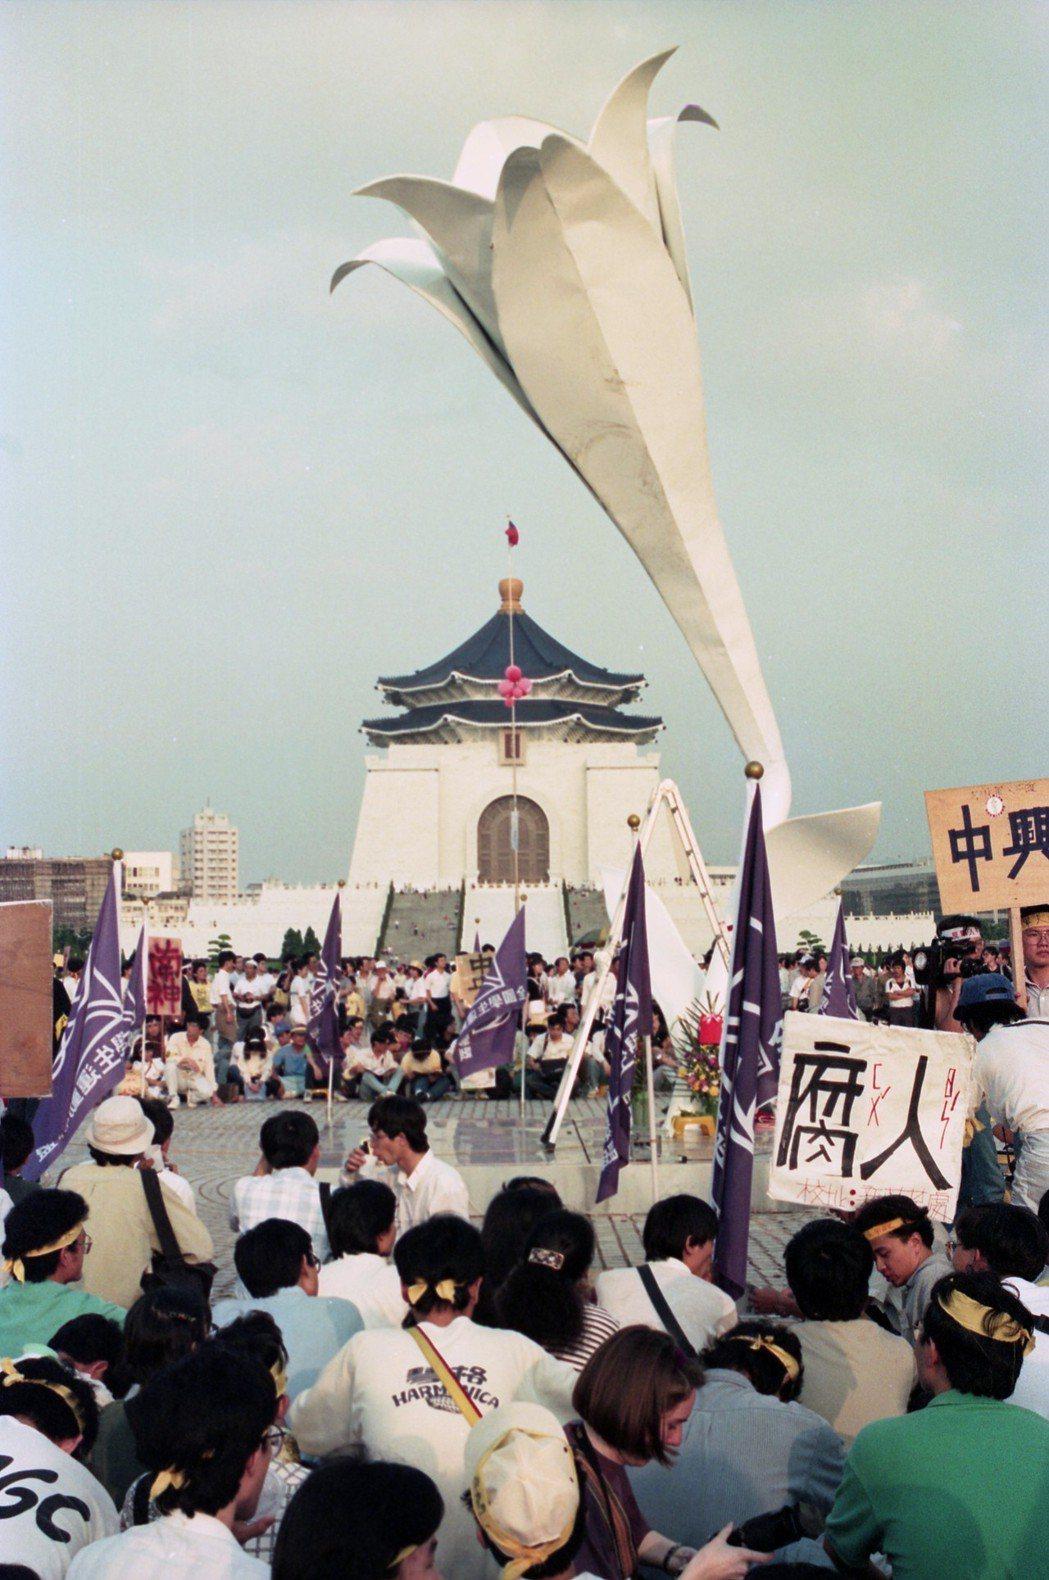 野百合學運是台灣首次大學生大規模抗議行動。 圖/聯合報系資料照片